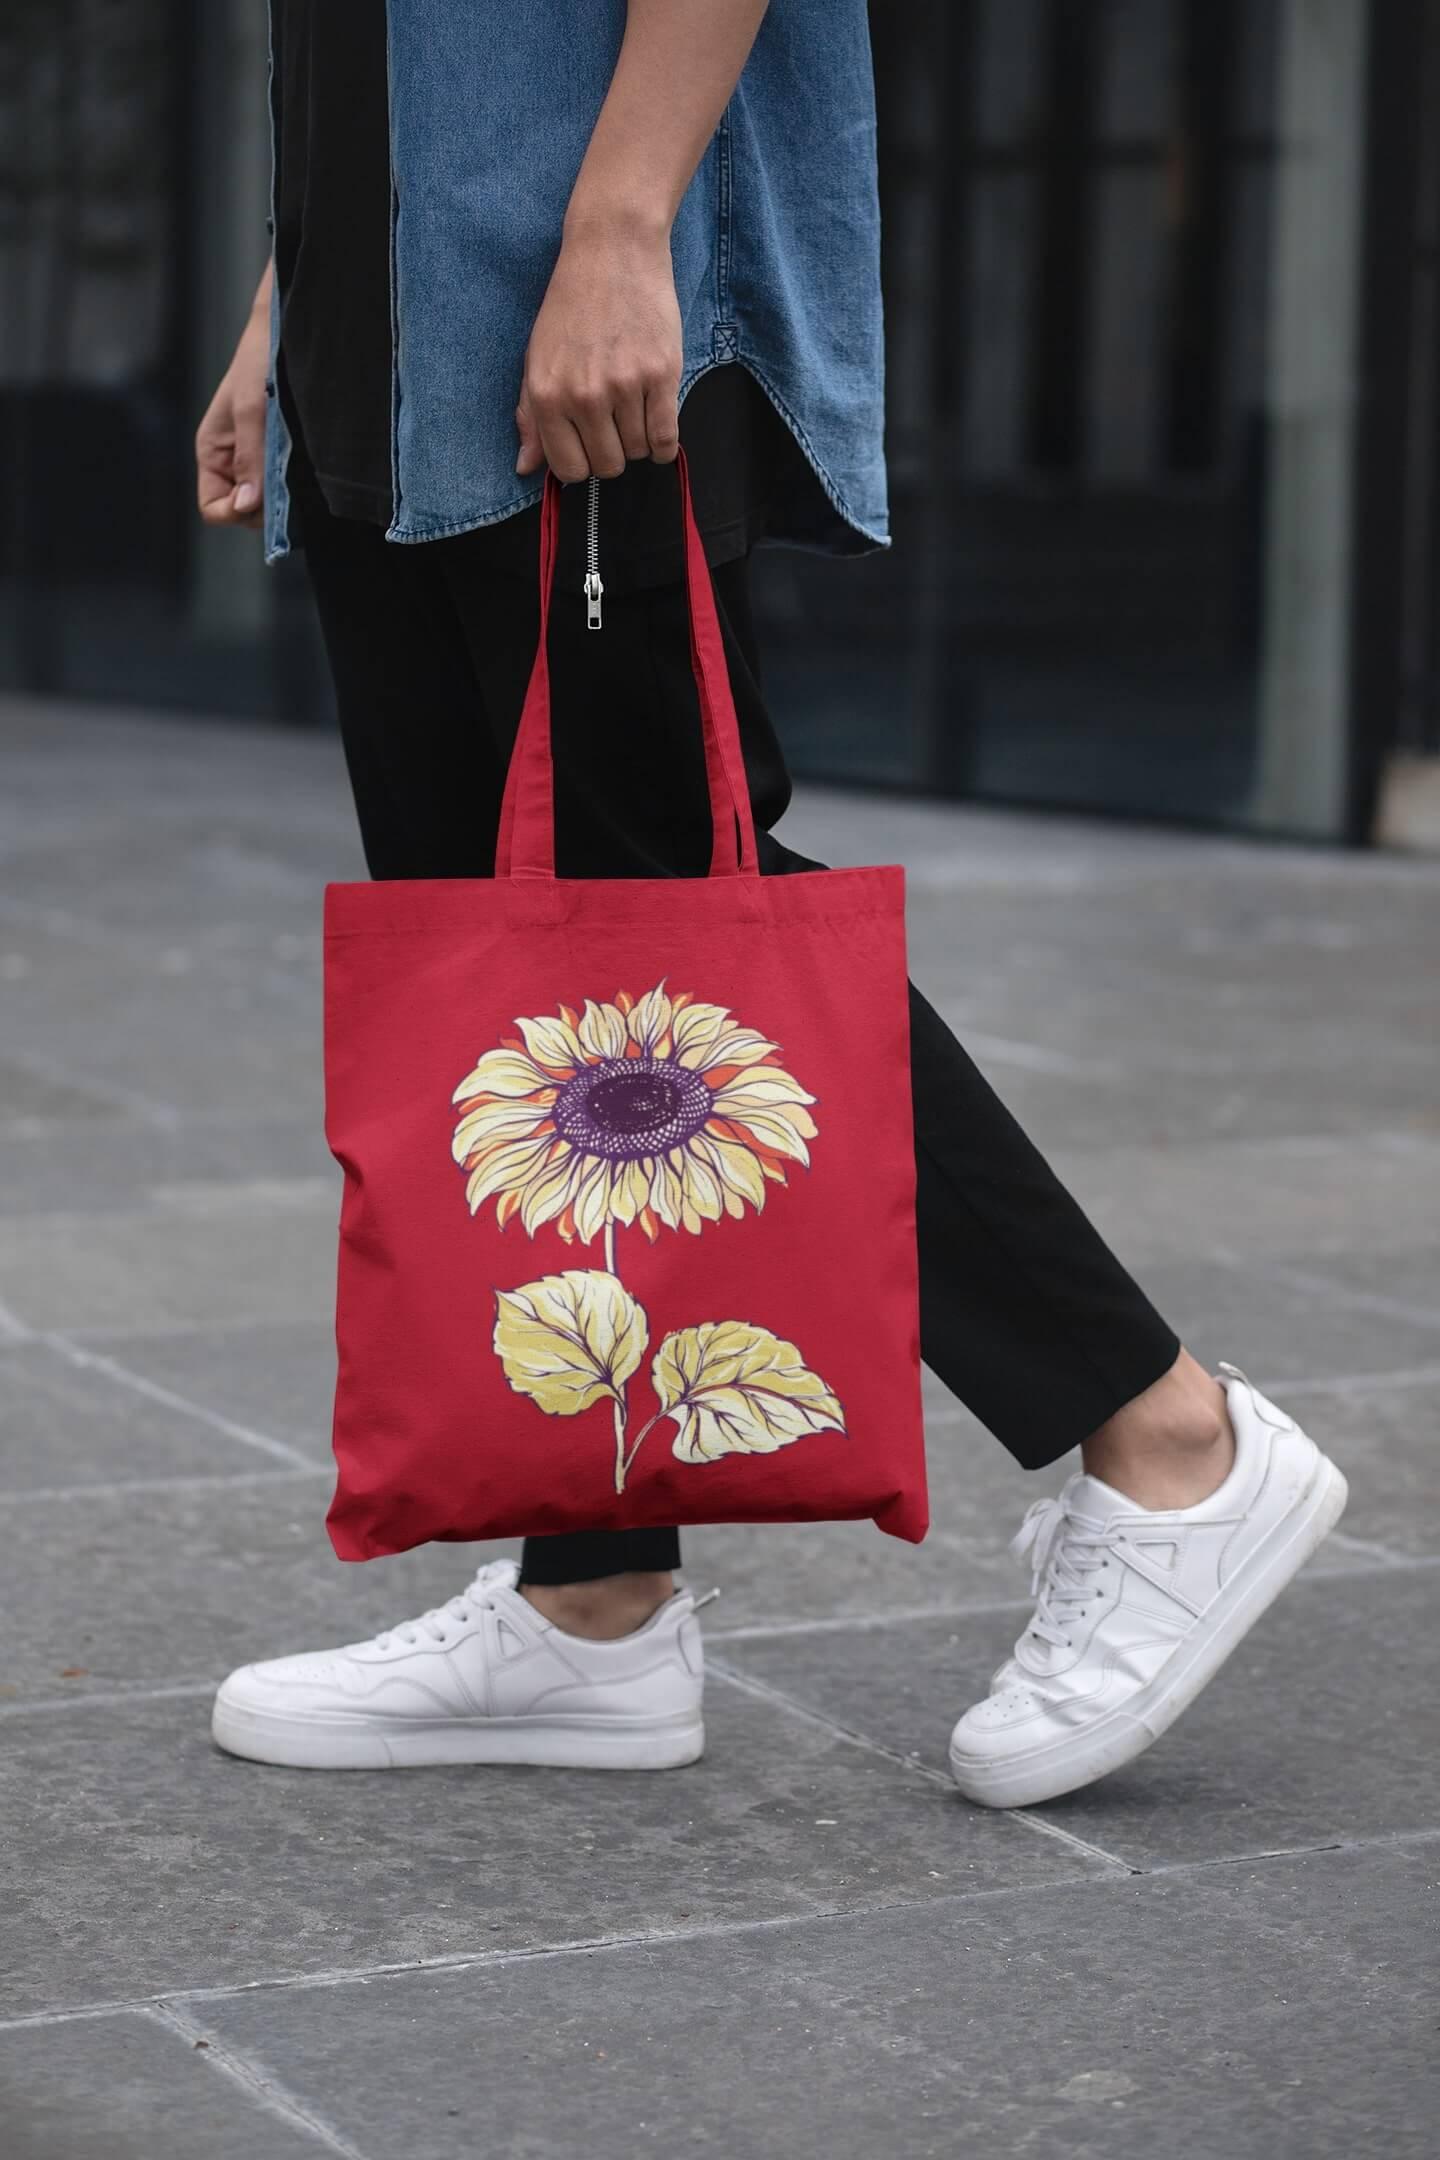 MMO Bavlnená taška Slnečnica Farba tašky: Červená